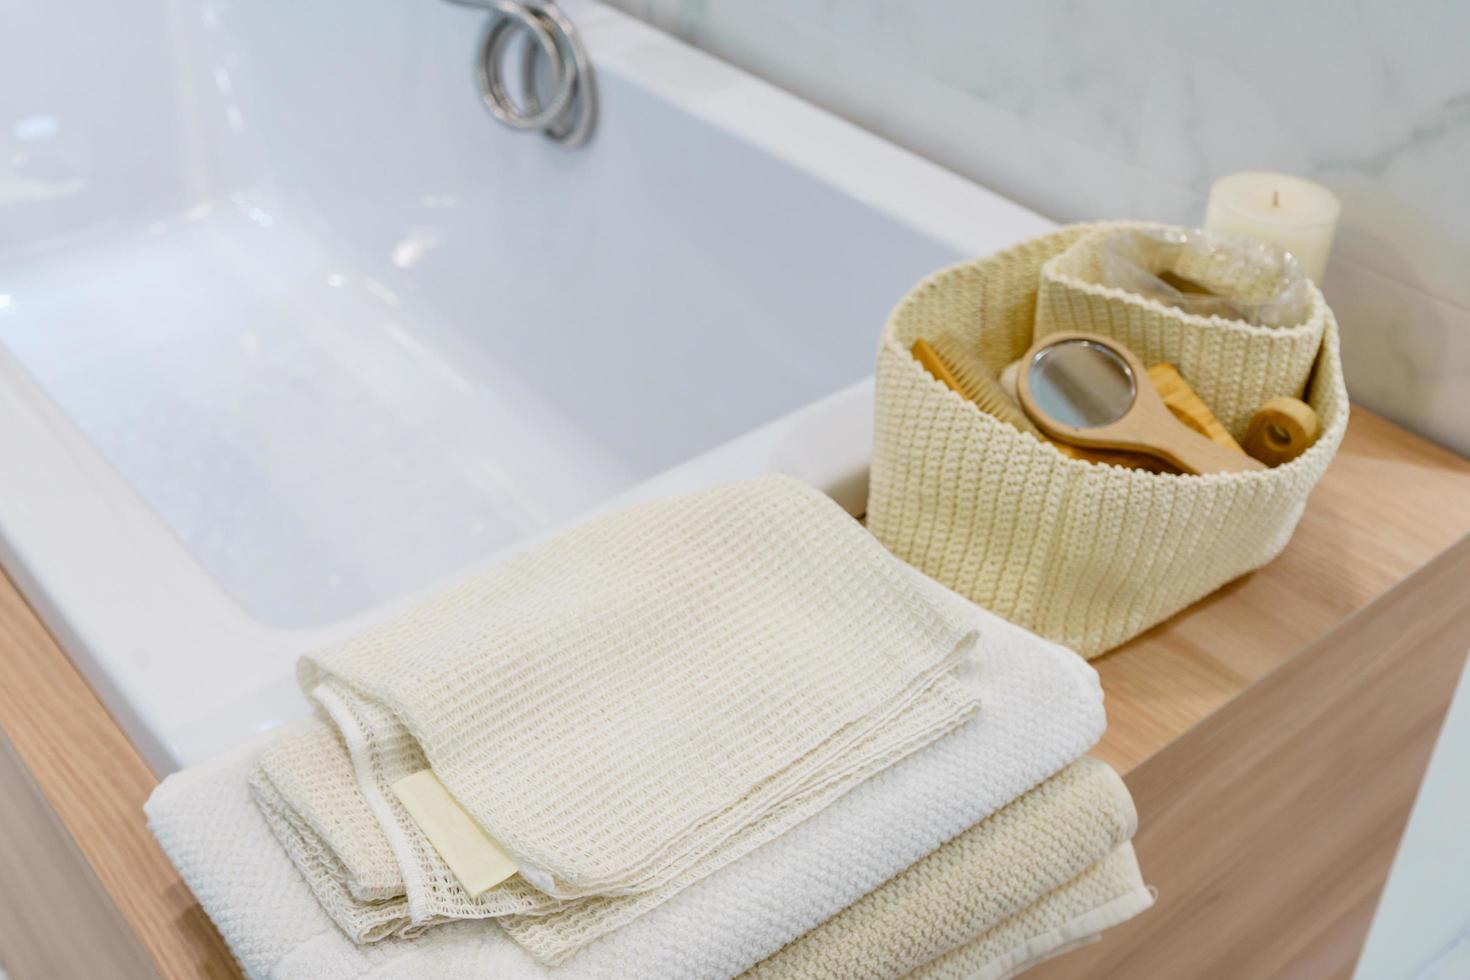 keramische zeep, shampooflessen en witte katoenen handdoeken foto